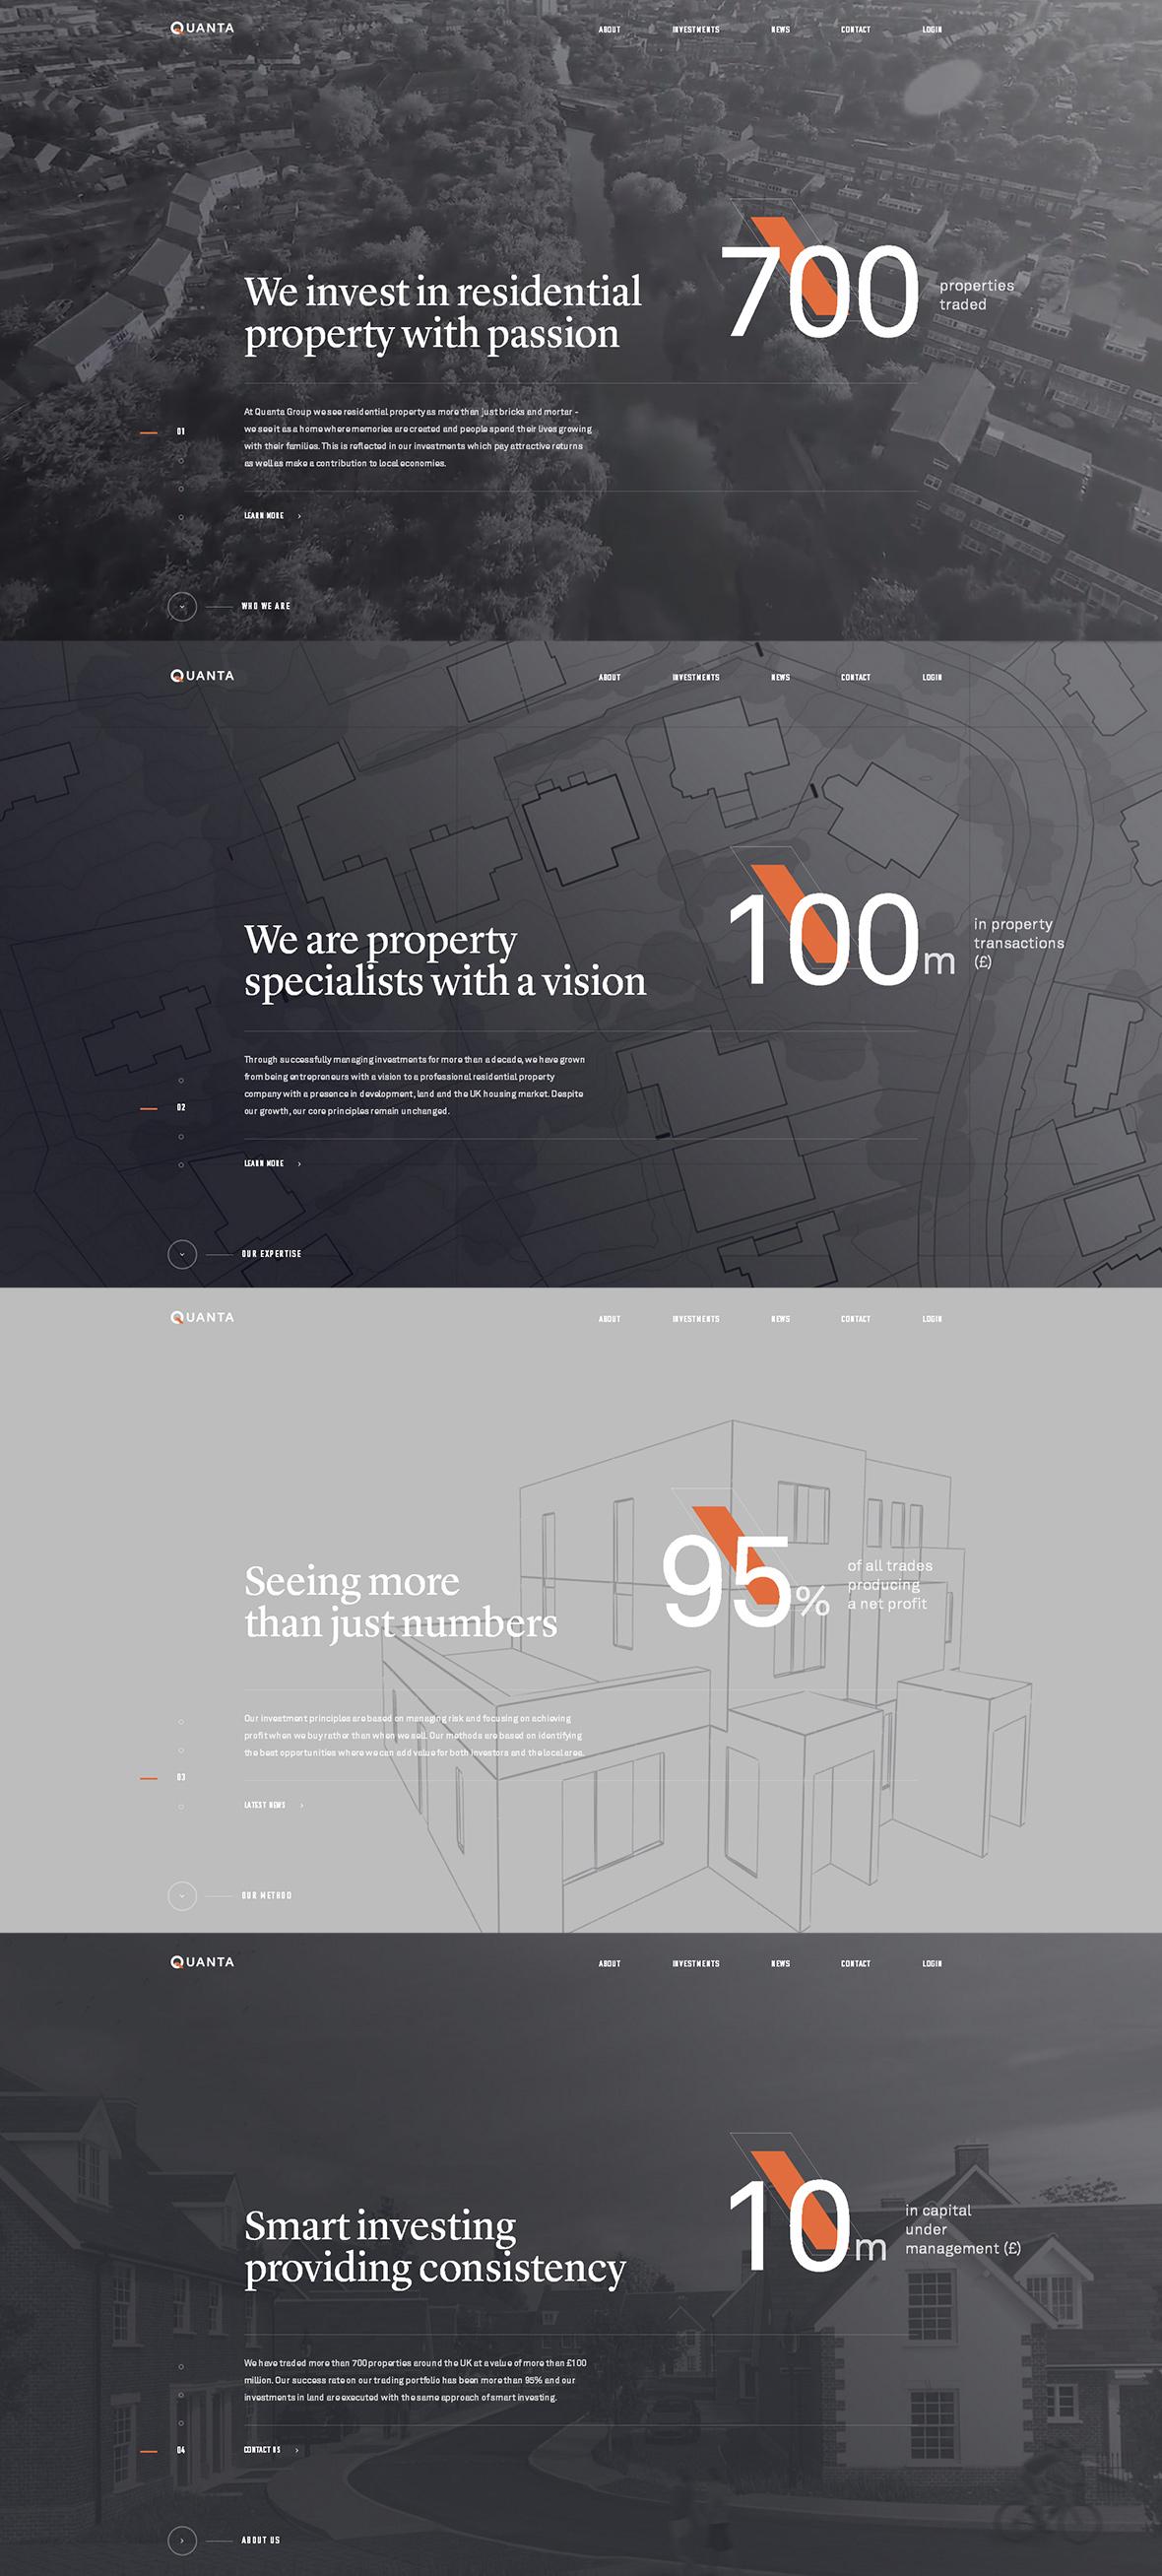 Quanta Group-创意,网页设计,创意设计,创意网站,字体设计,设计网站,设计作品,网站欣赏,优,ui设计,设计,设计师,平面设计,电商设计,动漫设计,网站设计